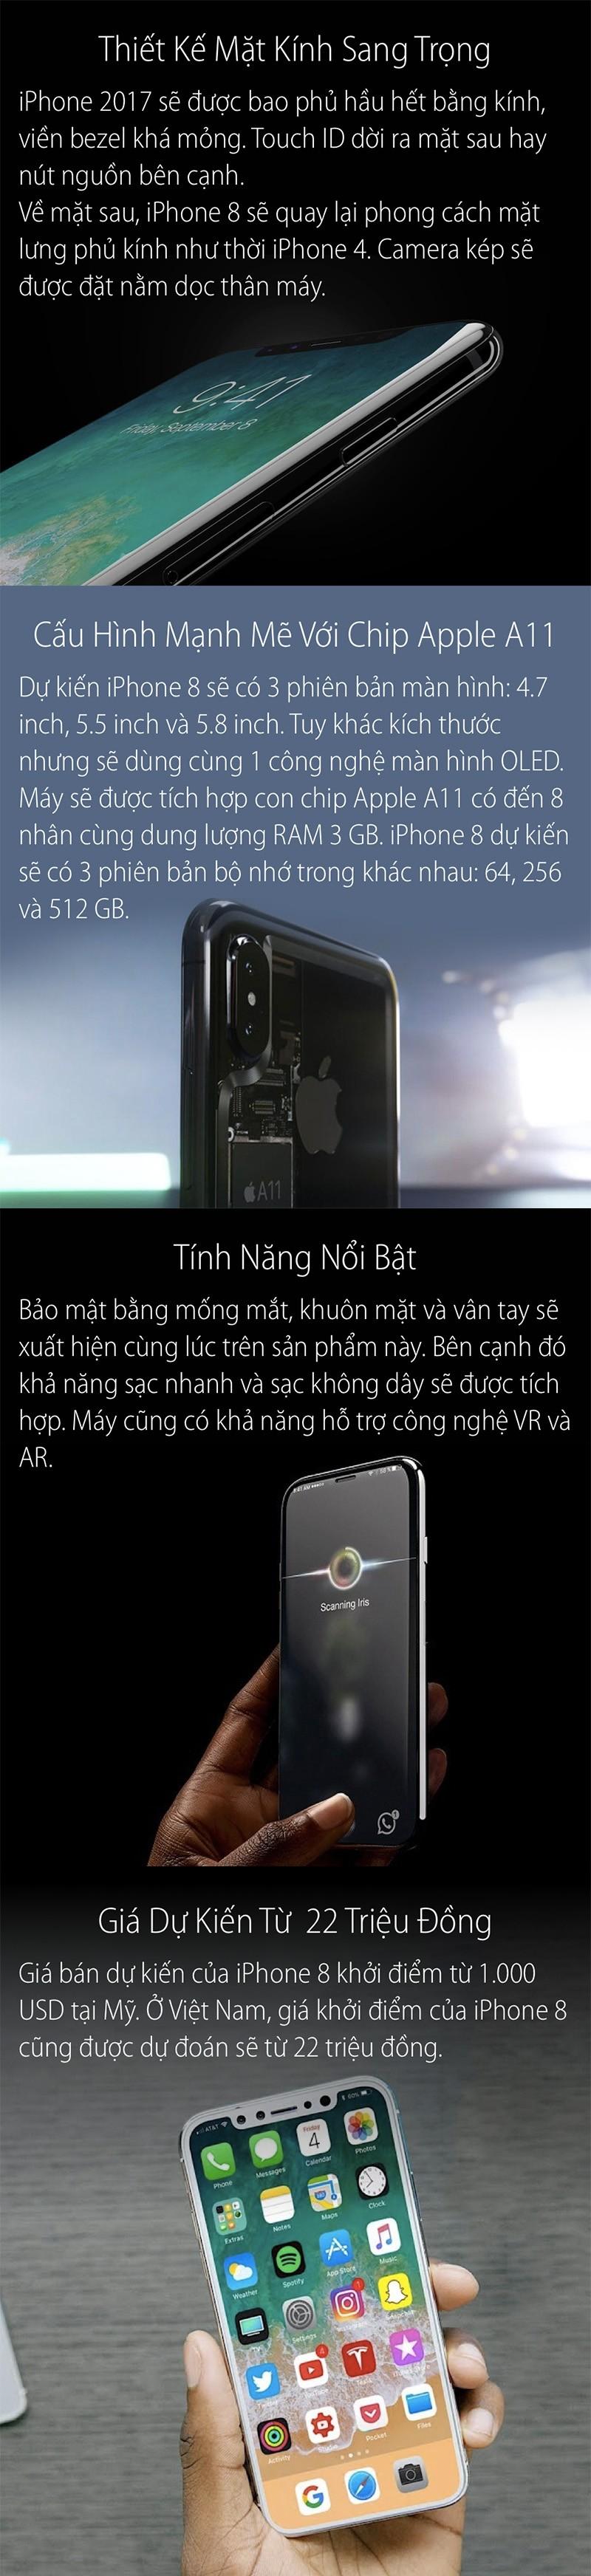 Công nghệ - Người dùng có thể xem trực tiếp lễ ra mắt iPhone mới bằng cách nào? (Hình 2).